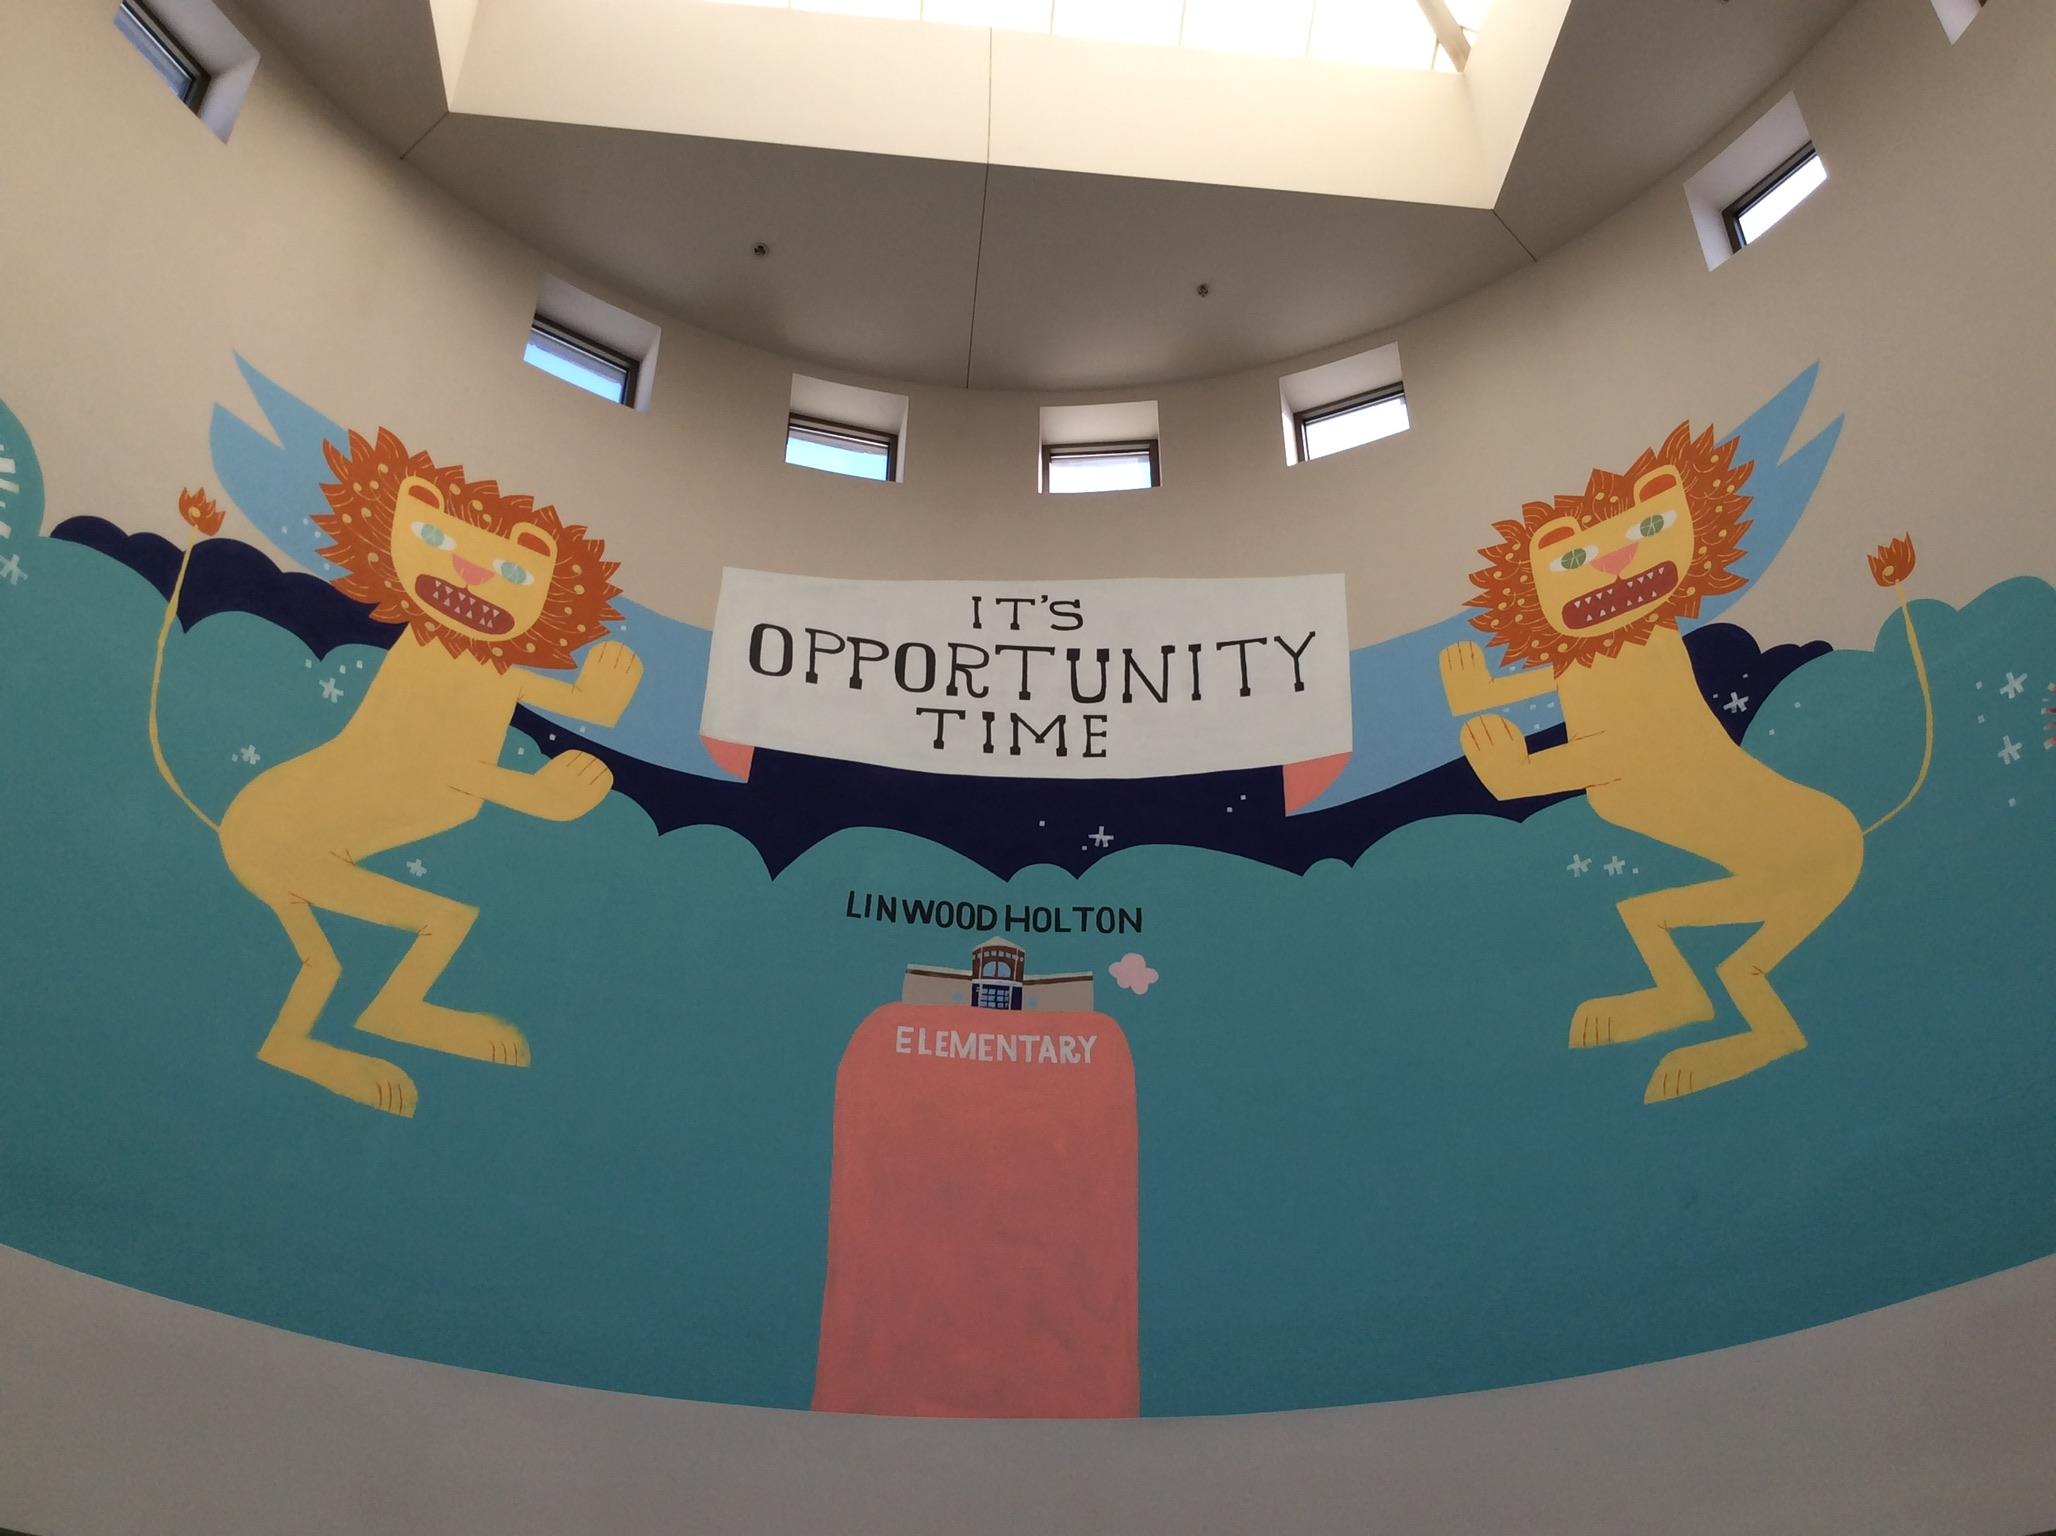 Linwood Holton Elementary, 2016